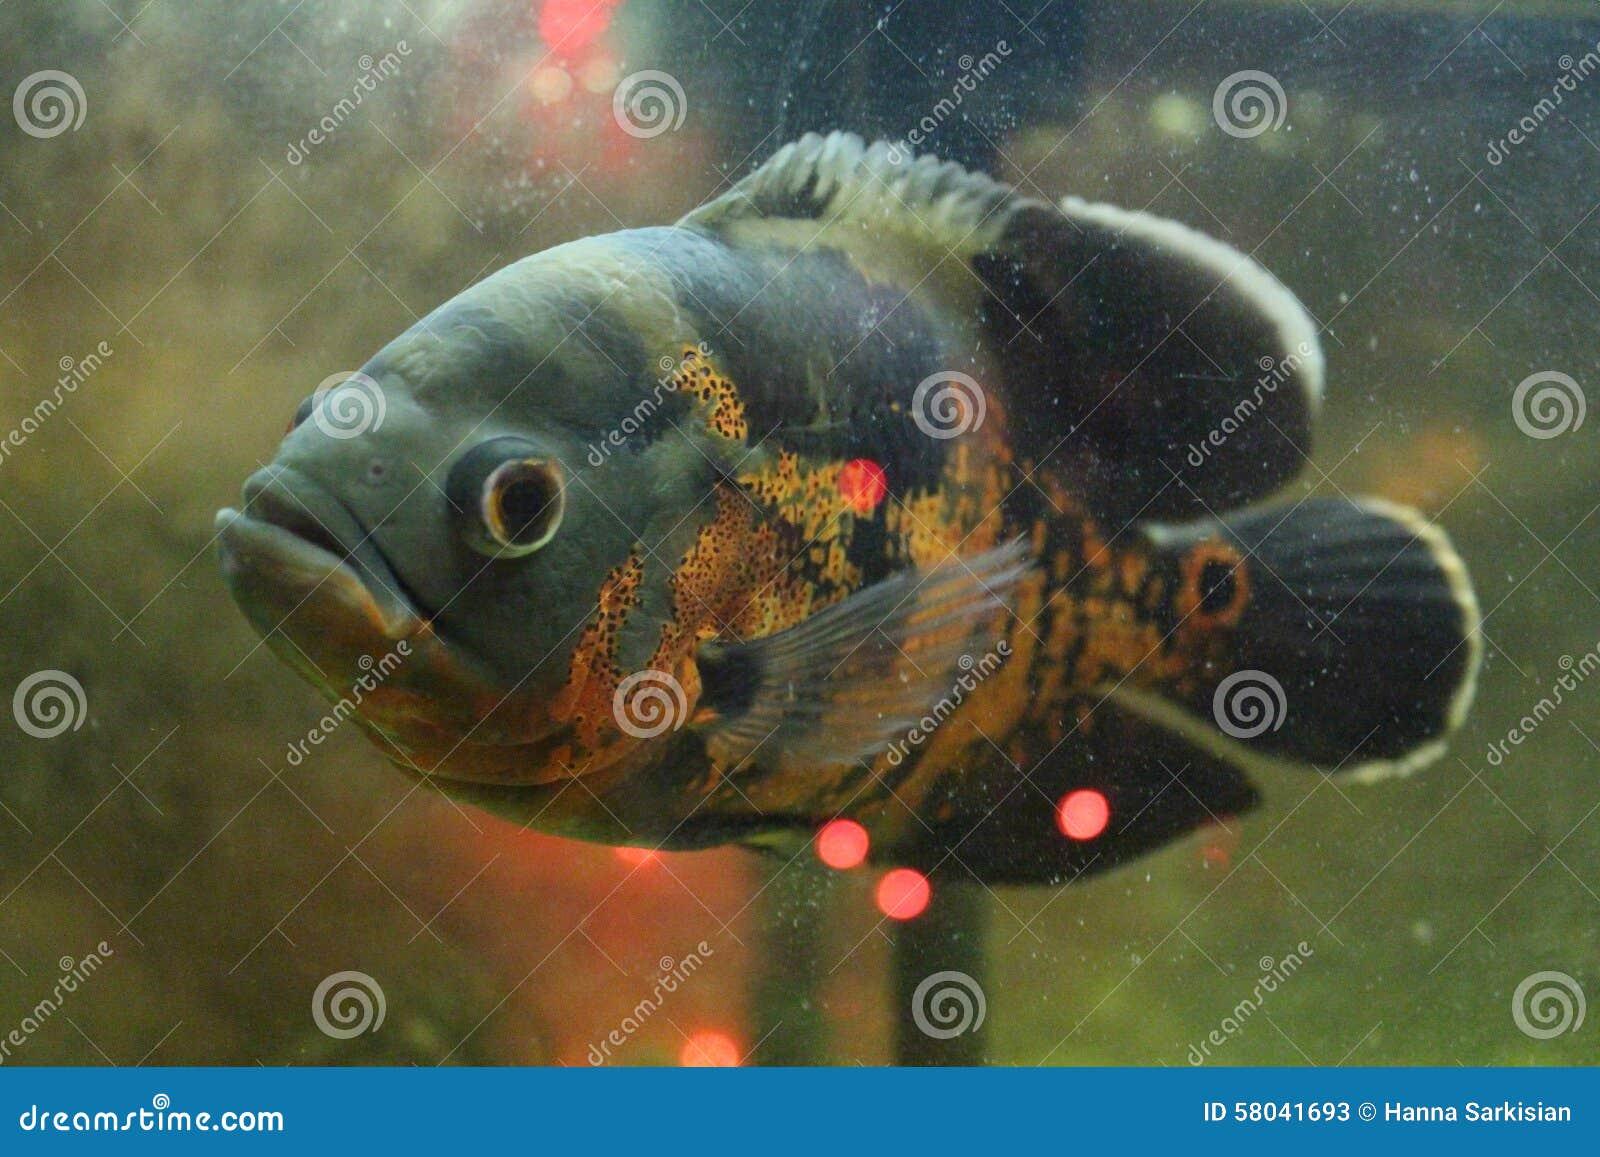 Stock Photos Aquarium Fish Image 58041693